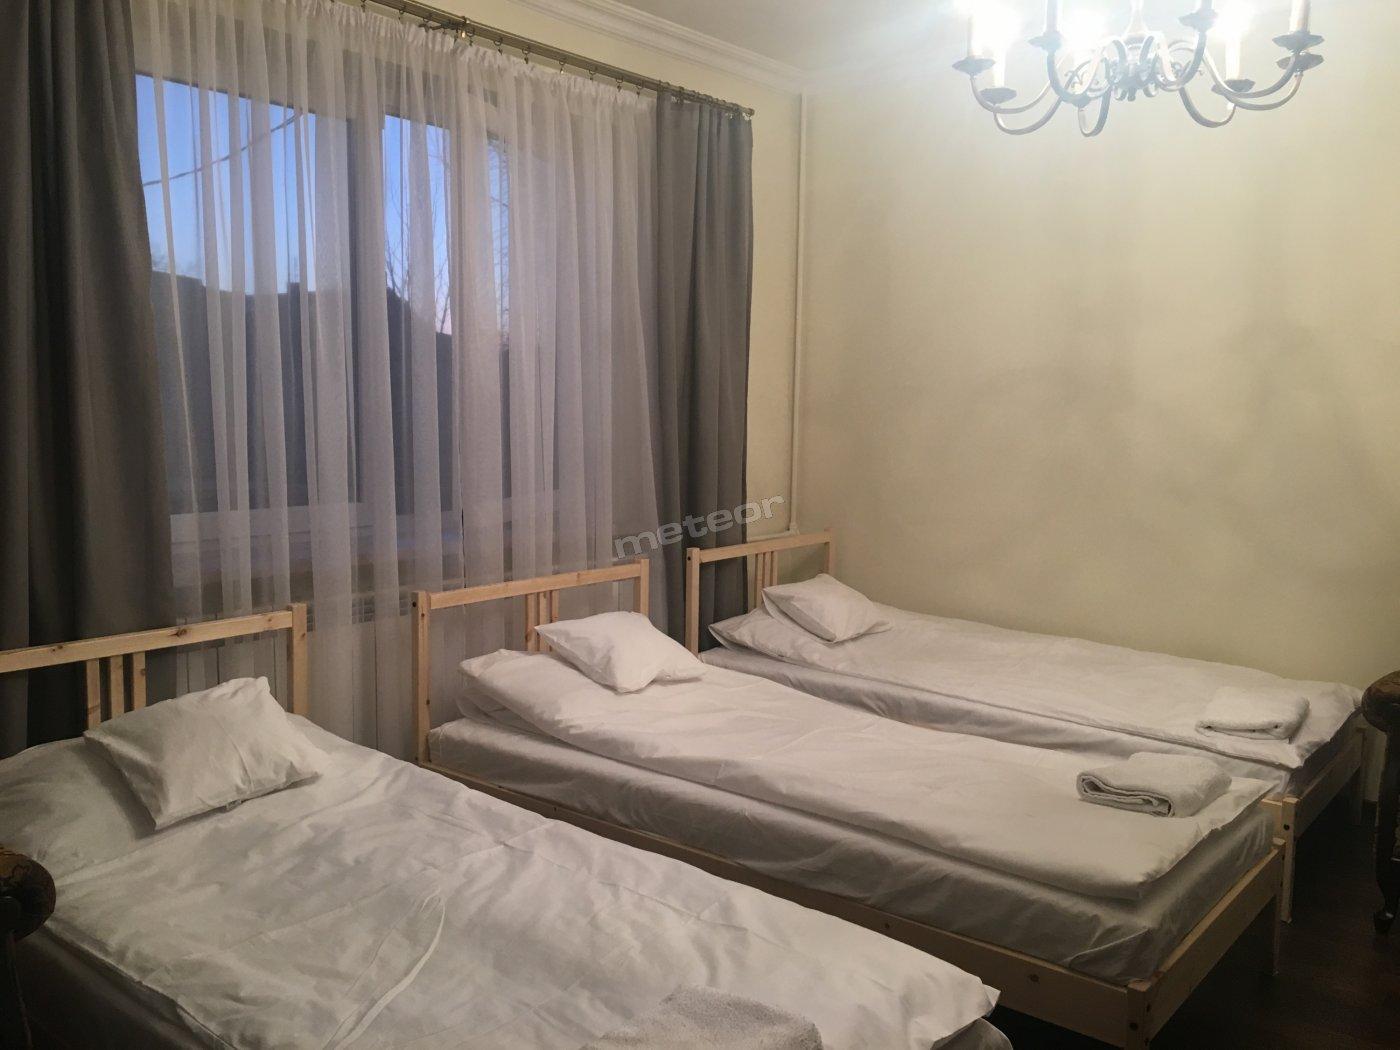 pokój 5 osobowy